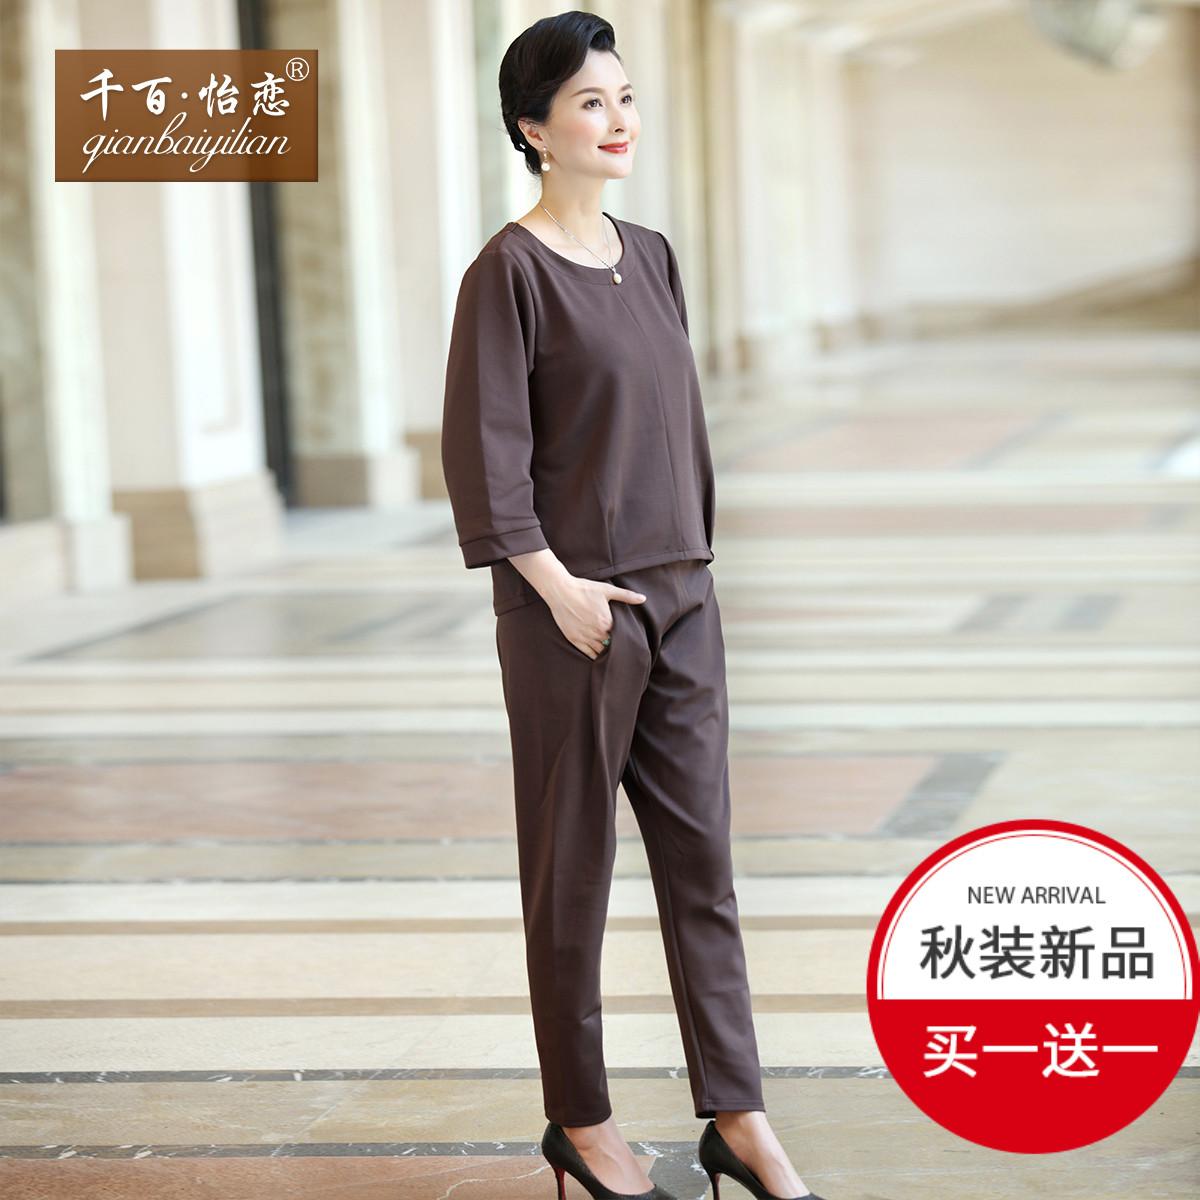 千百怡恋妈妈秋装套装40岁中年女装大码长袖T恤时尚哈伦裤两件套